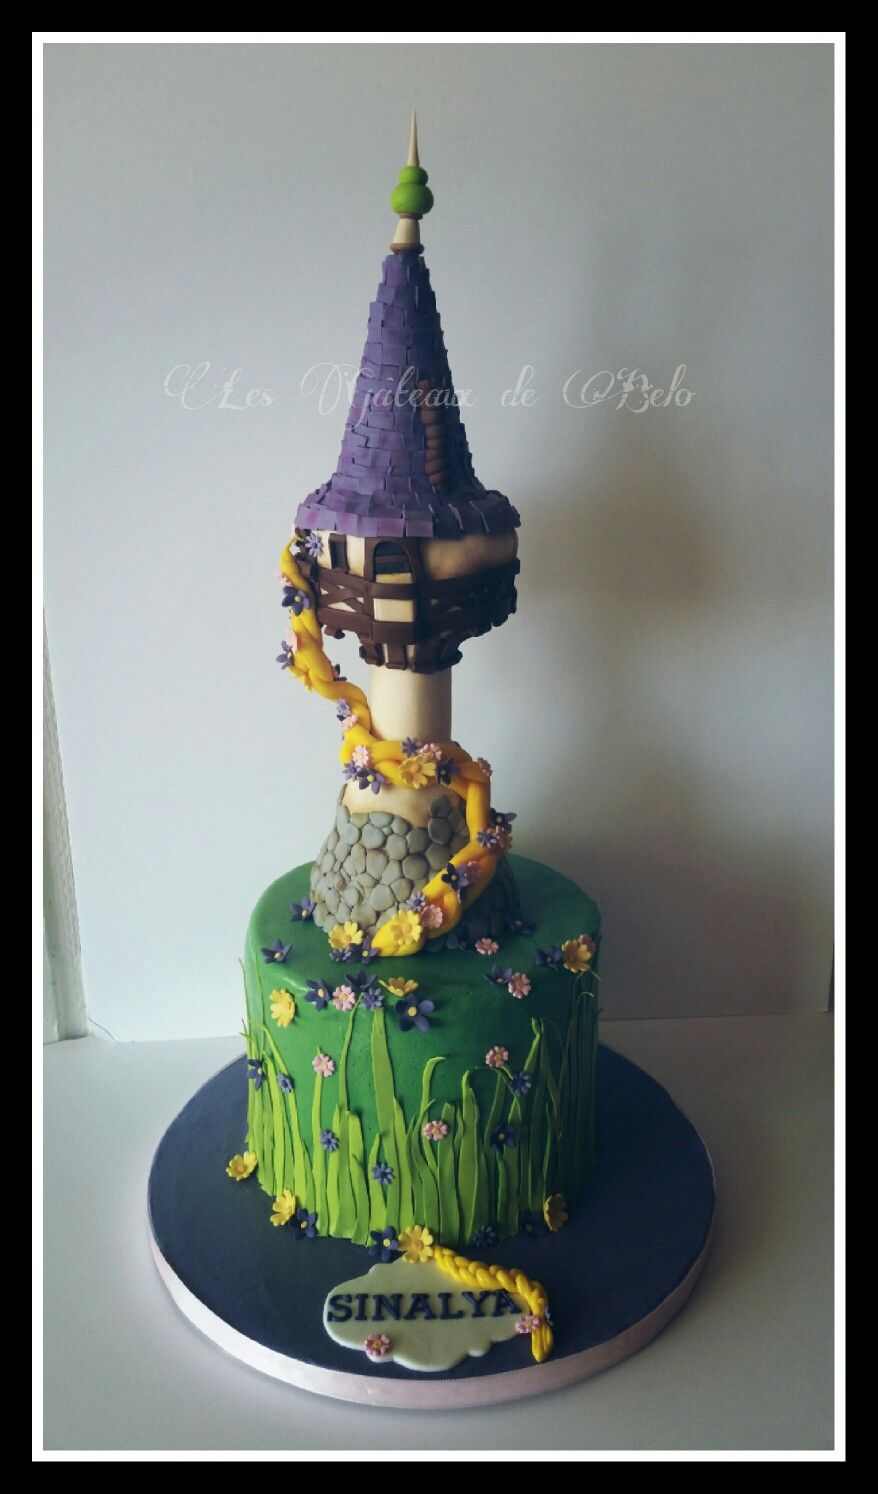 G teau d 39 anniversaire tour dd raiponce pour une petite fille rapunzel tower birthday cake for a - Raiponce petite ...